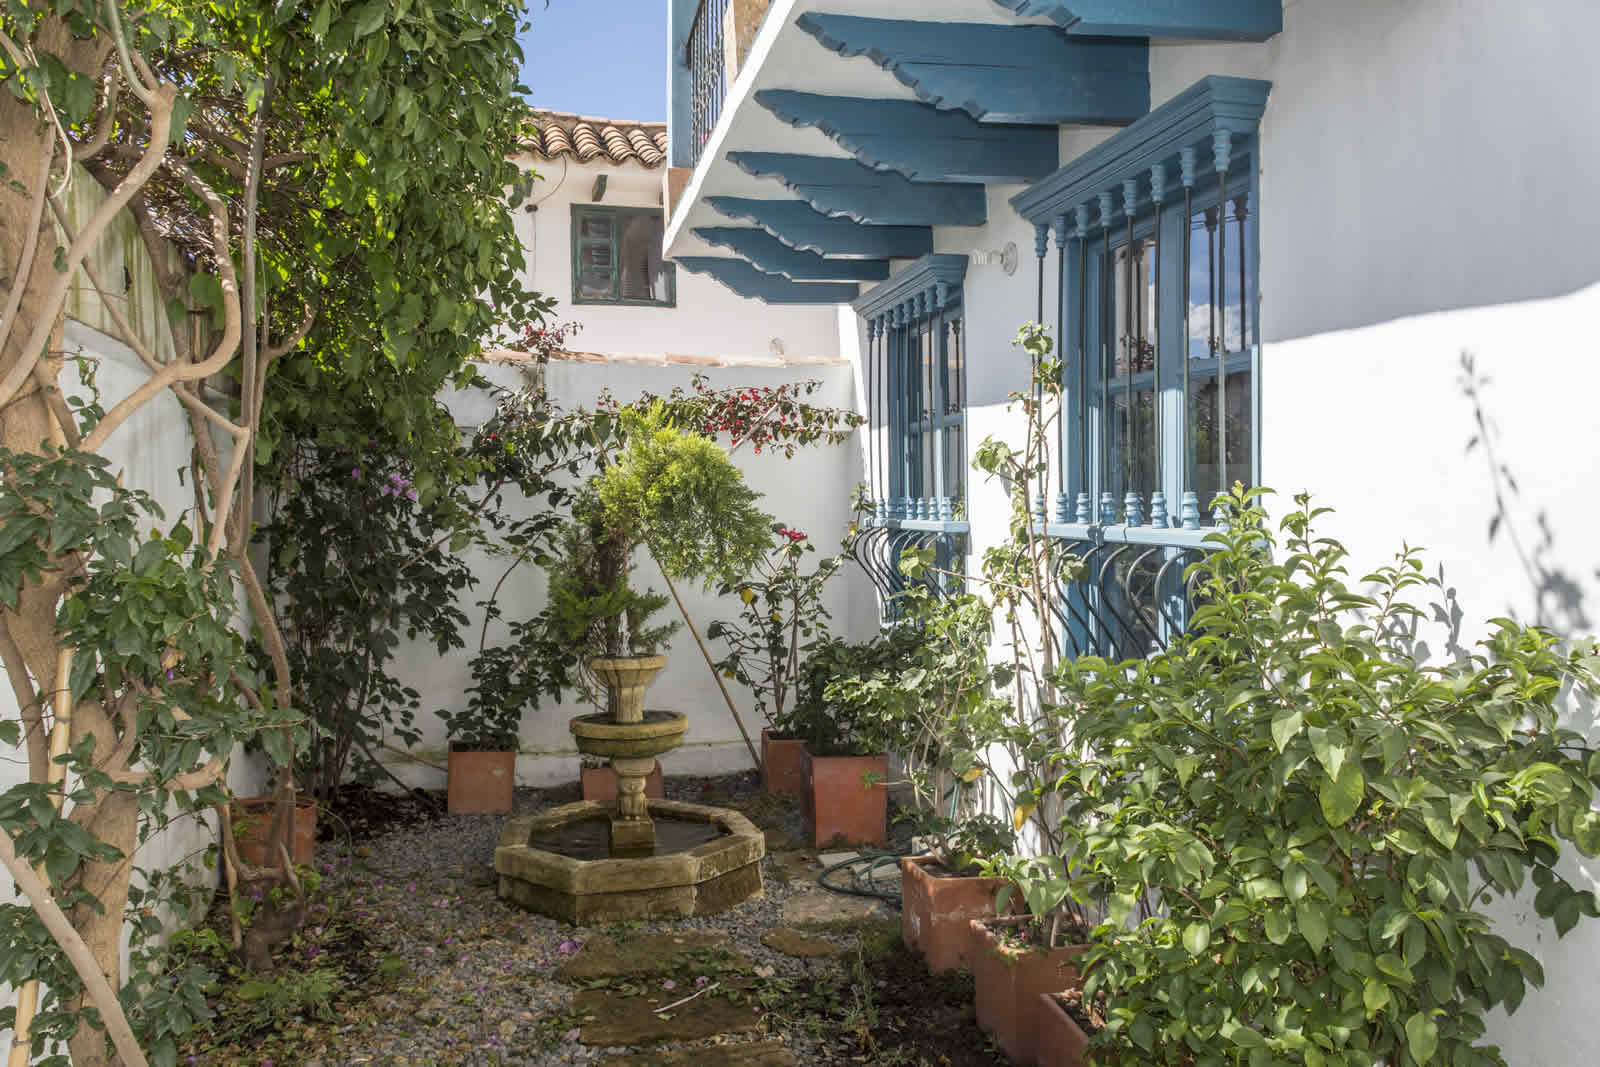 Alquiler casa Tulato Villa de Leyva fuente